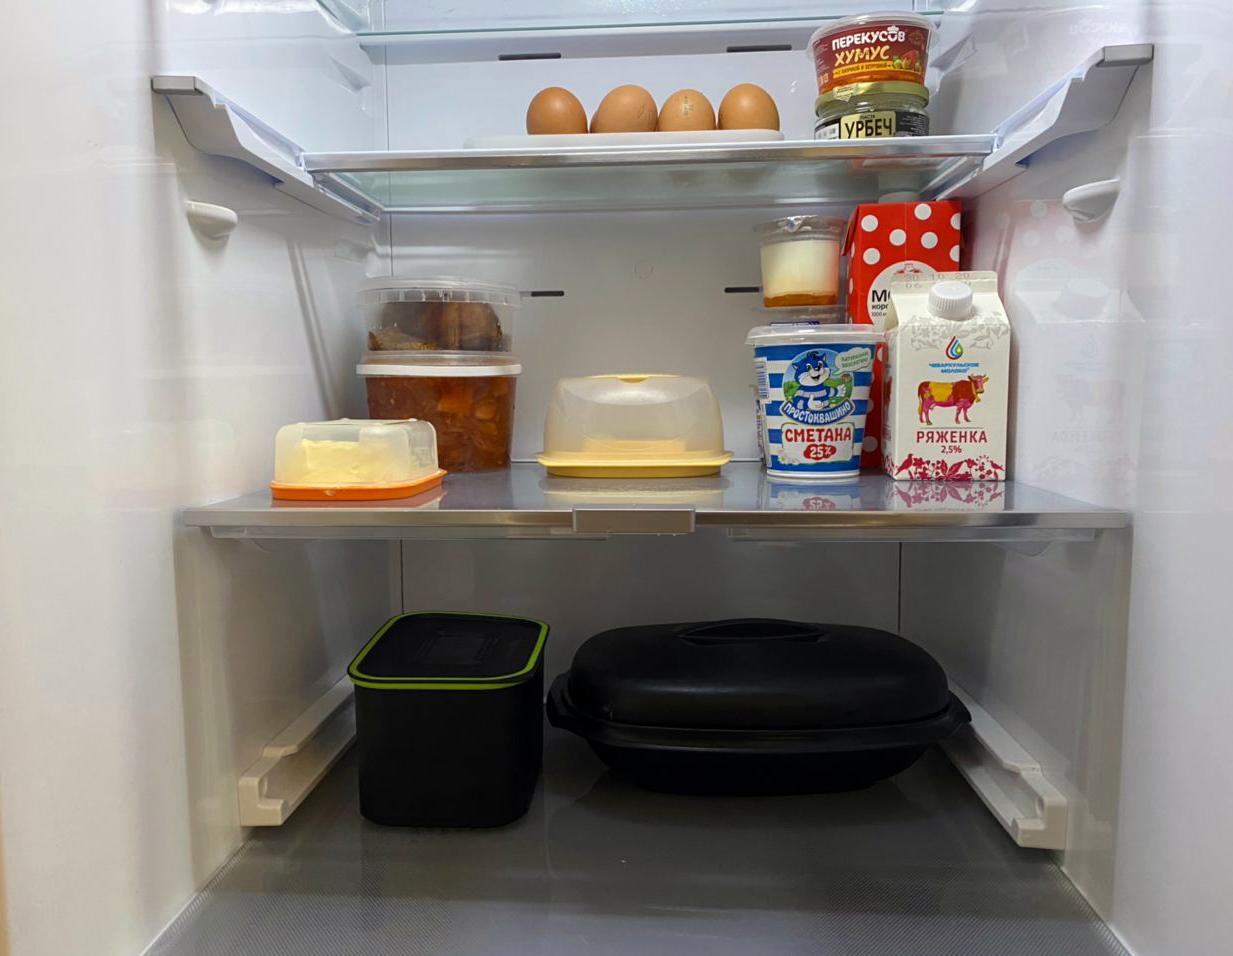 Визуально стало еды стало меньше, но это лишь иллюзия